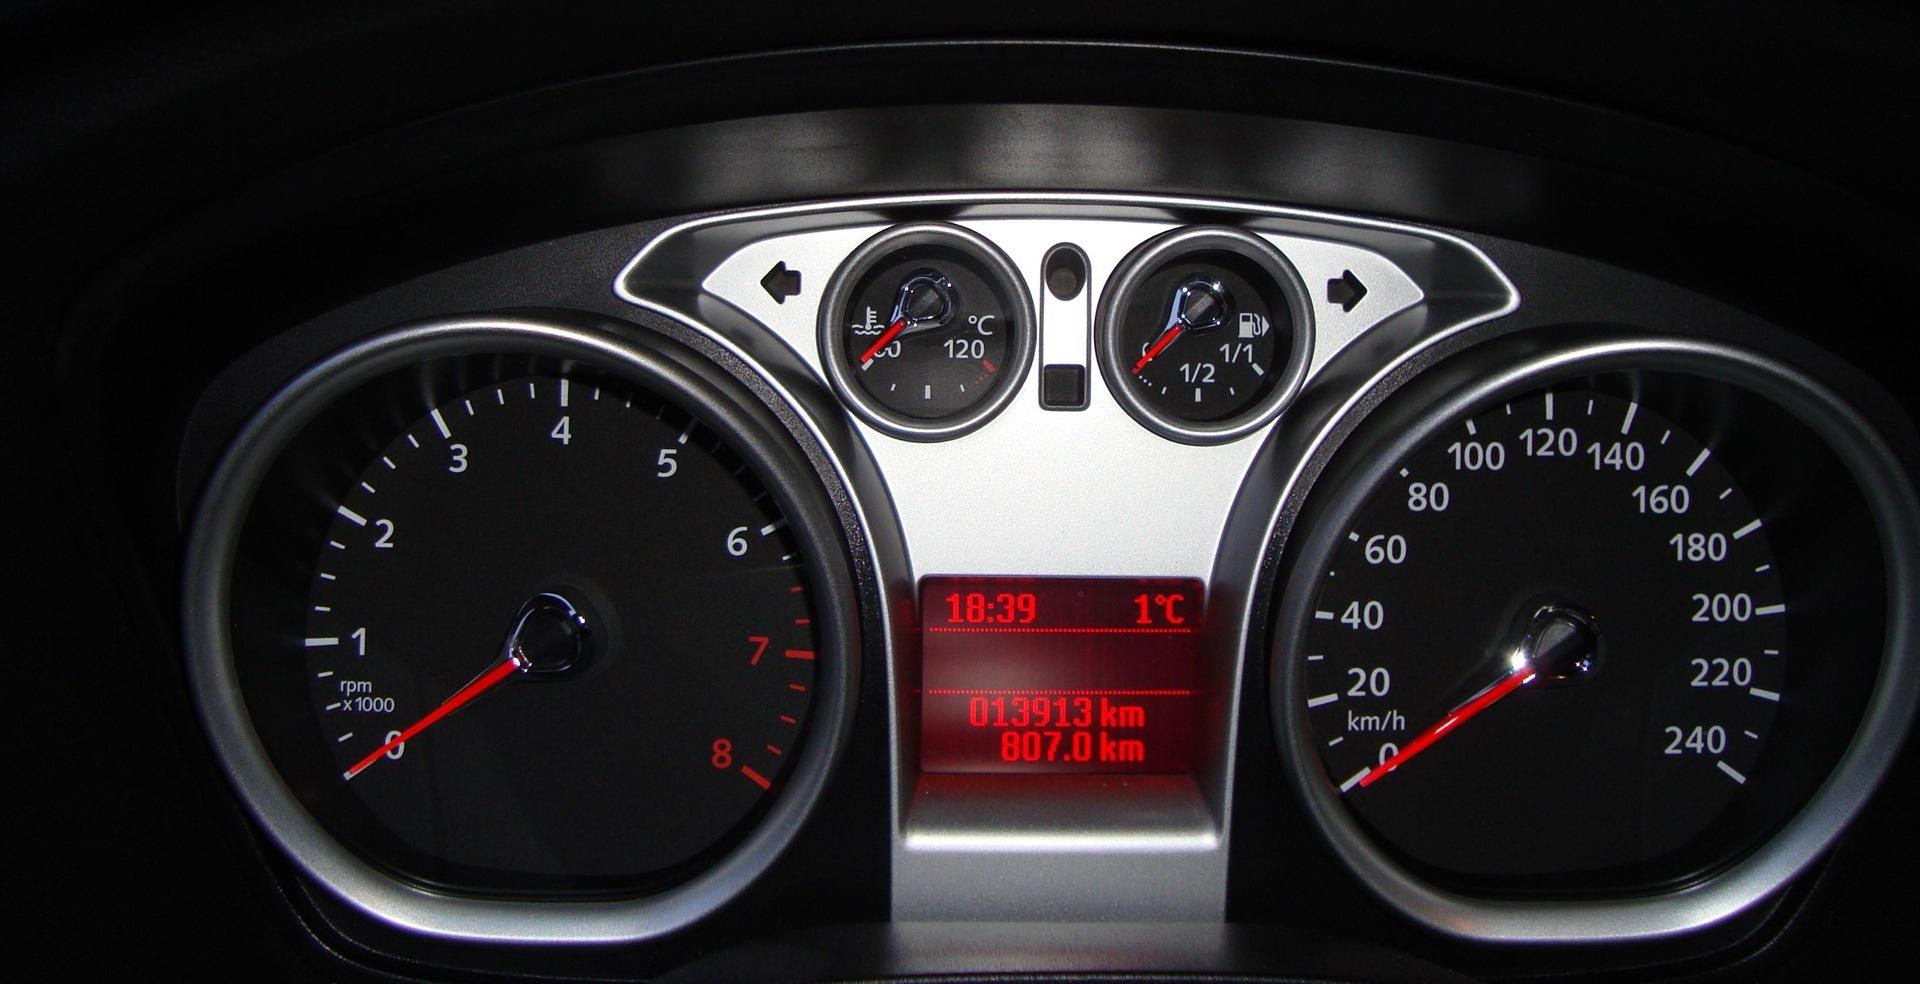 панель прибора форд картинка достопримечательности, тайные